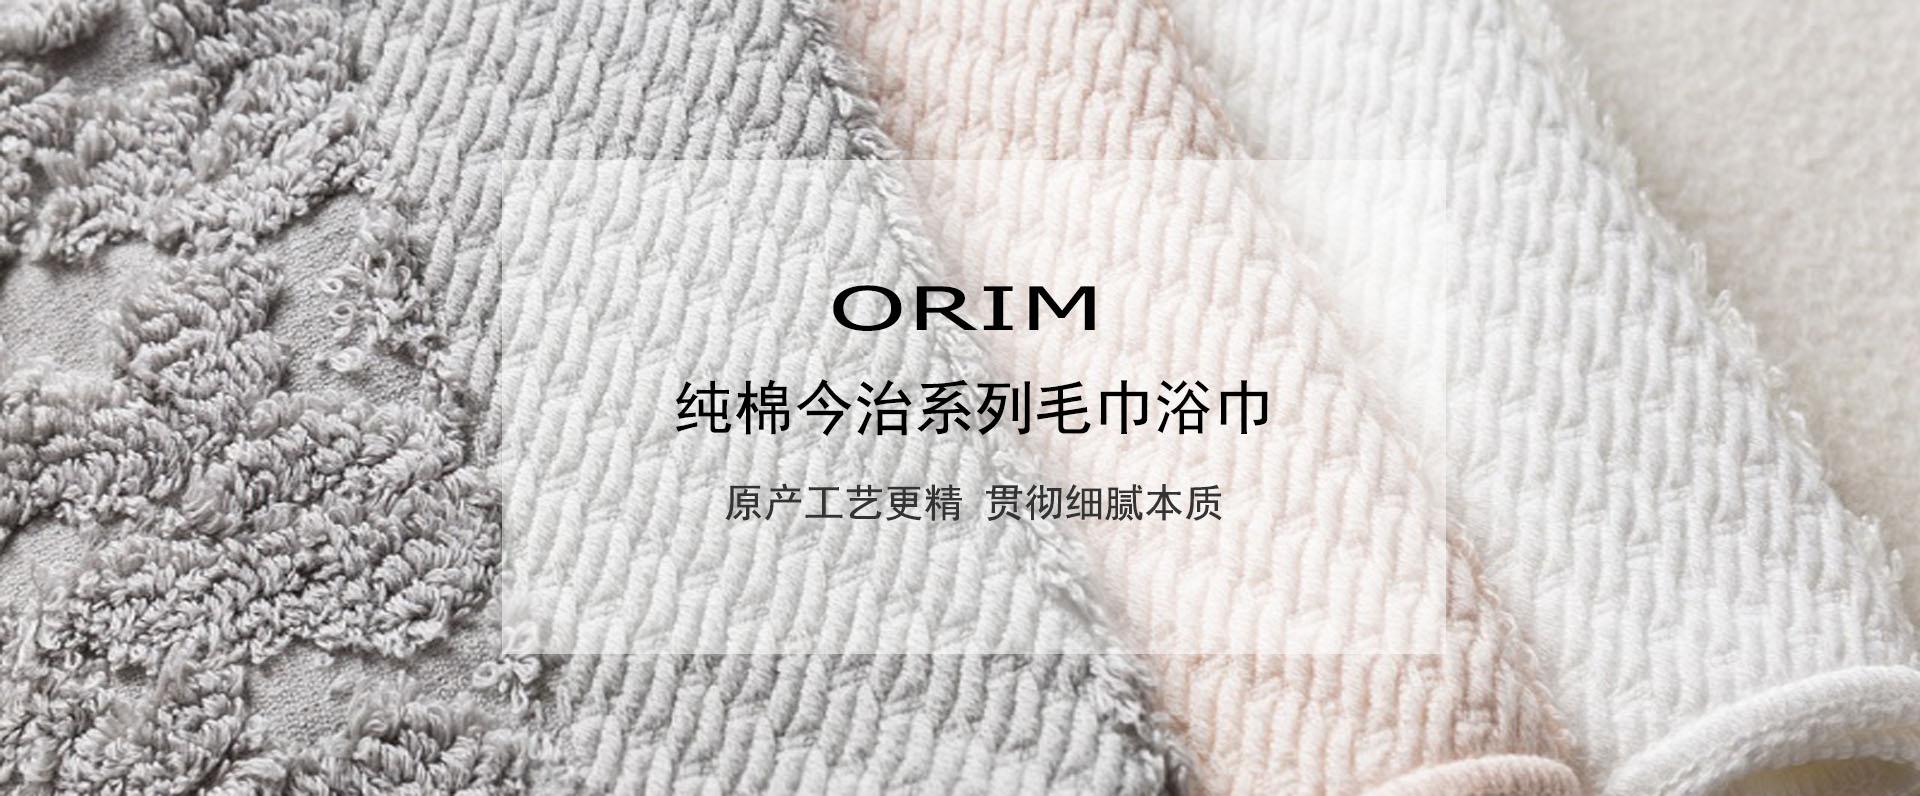 ORIM今治毛巾